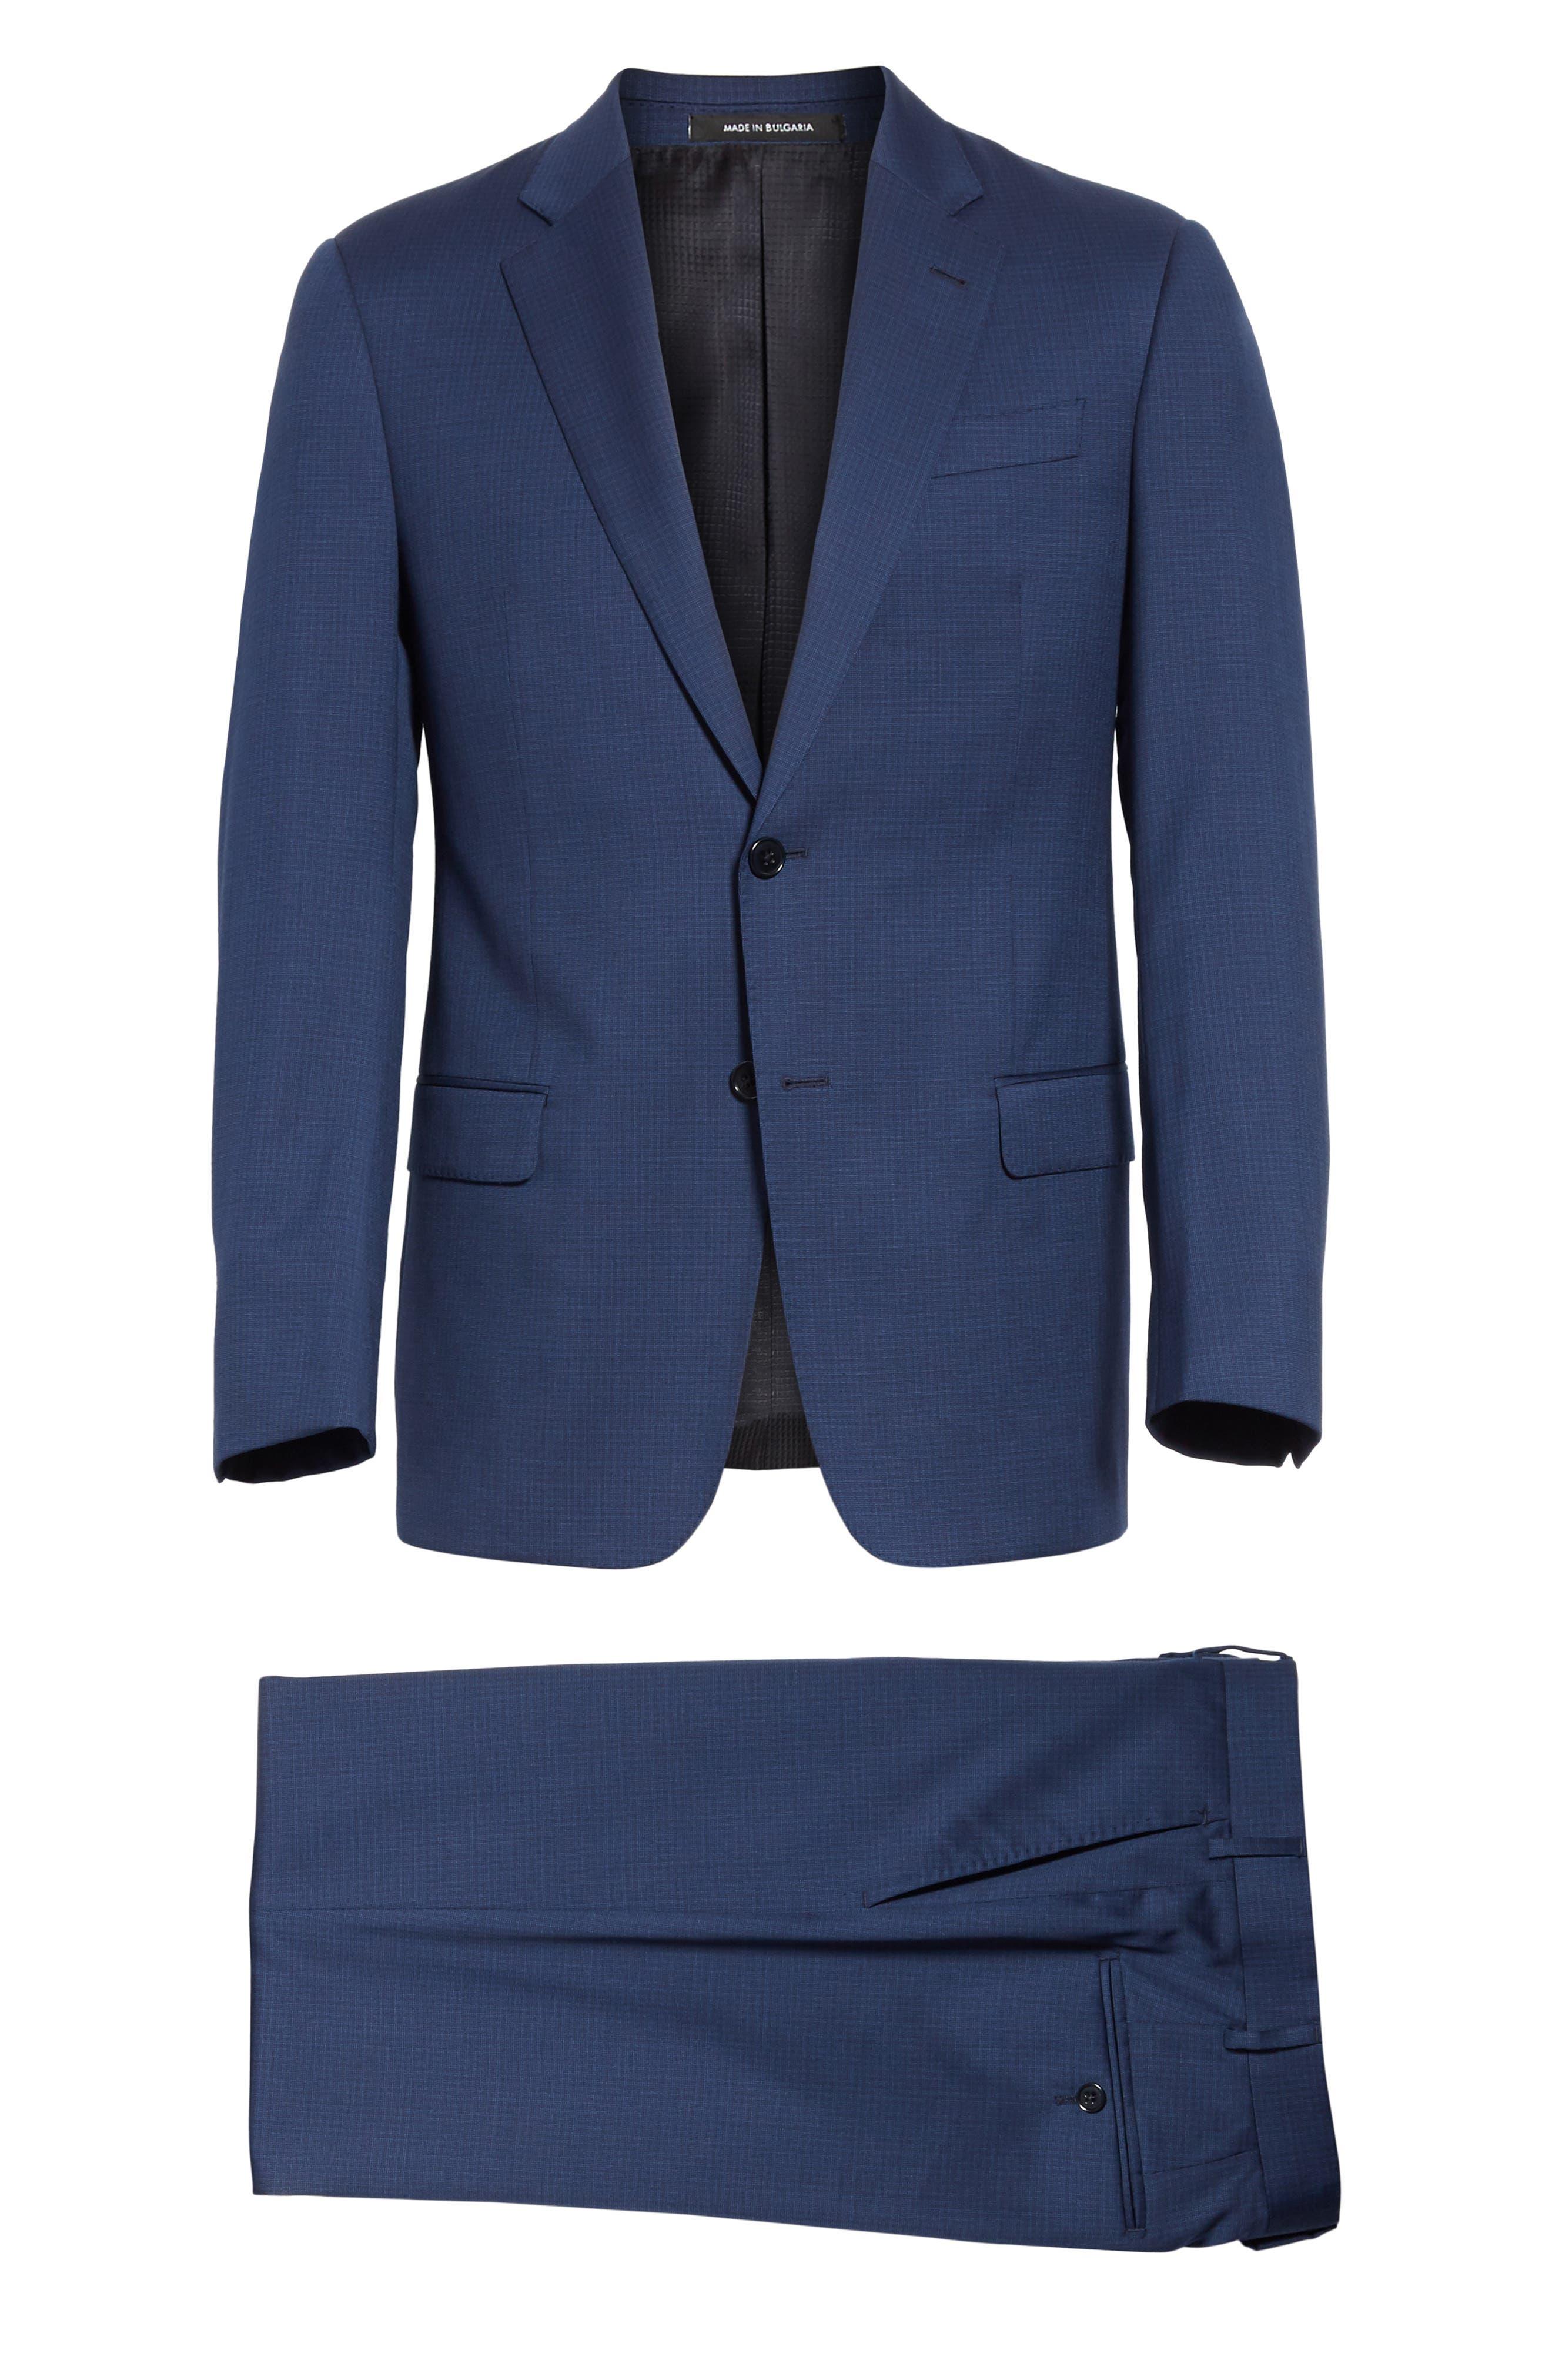 G Line Trim Fit Check Wool Suit,                             Alternate thumbnail 7, color,                             410